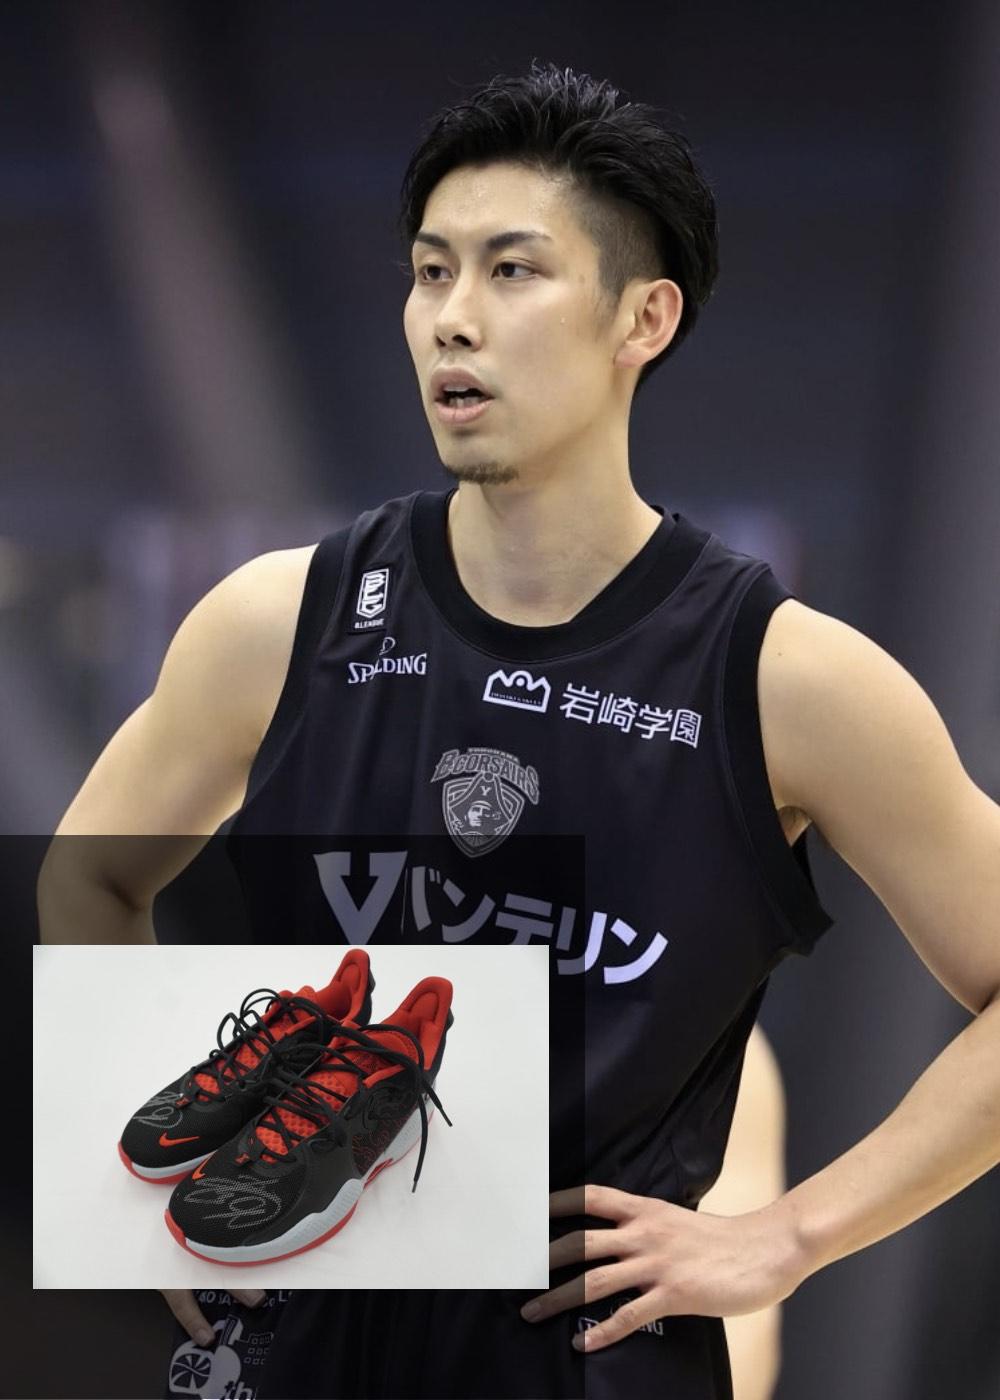 【公式】実使用・本人直筆サイン入り「バスケットボールシューズ」#9 森川 正明